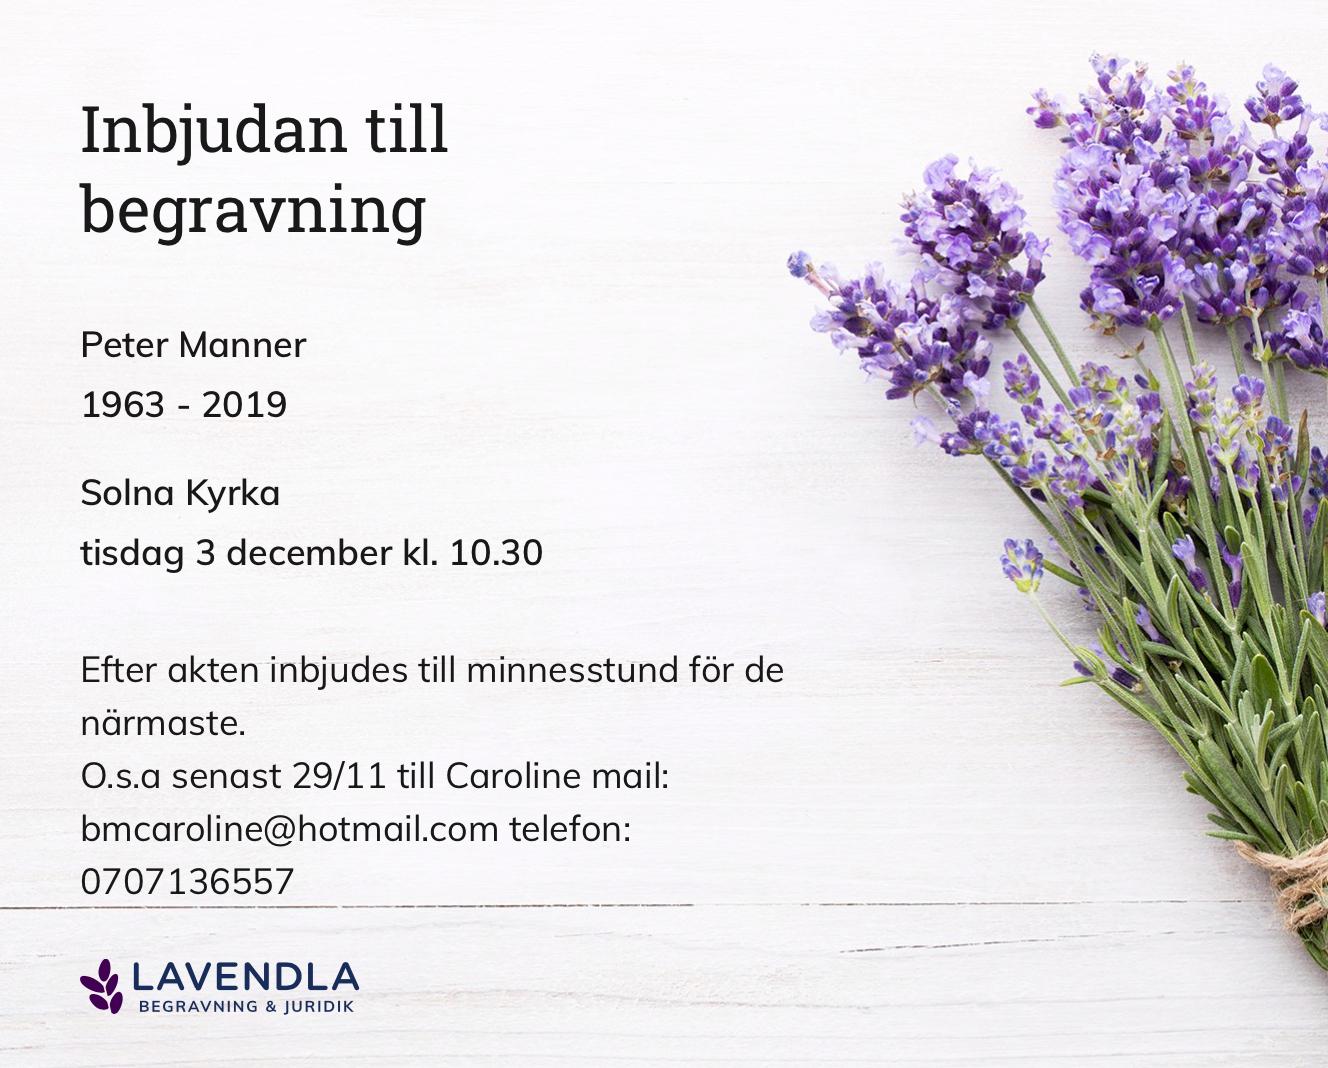 Inbjudningskort till ceremonin för Peter Manner